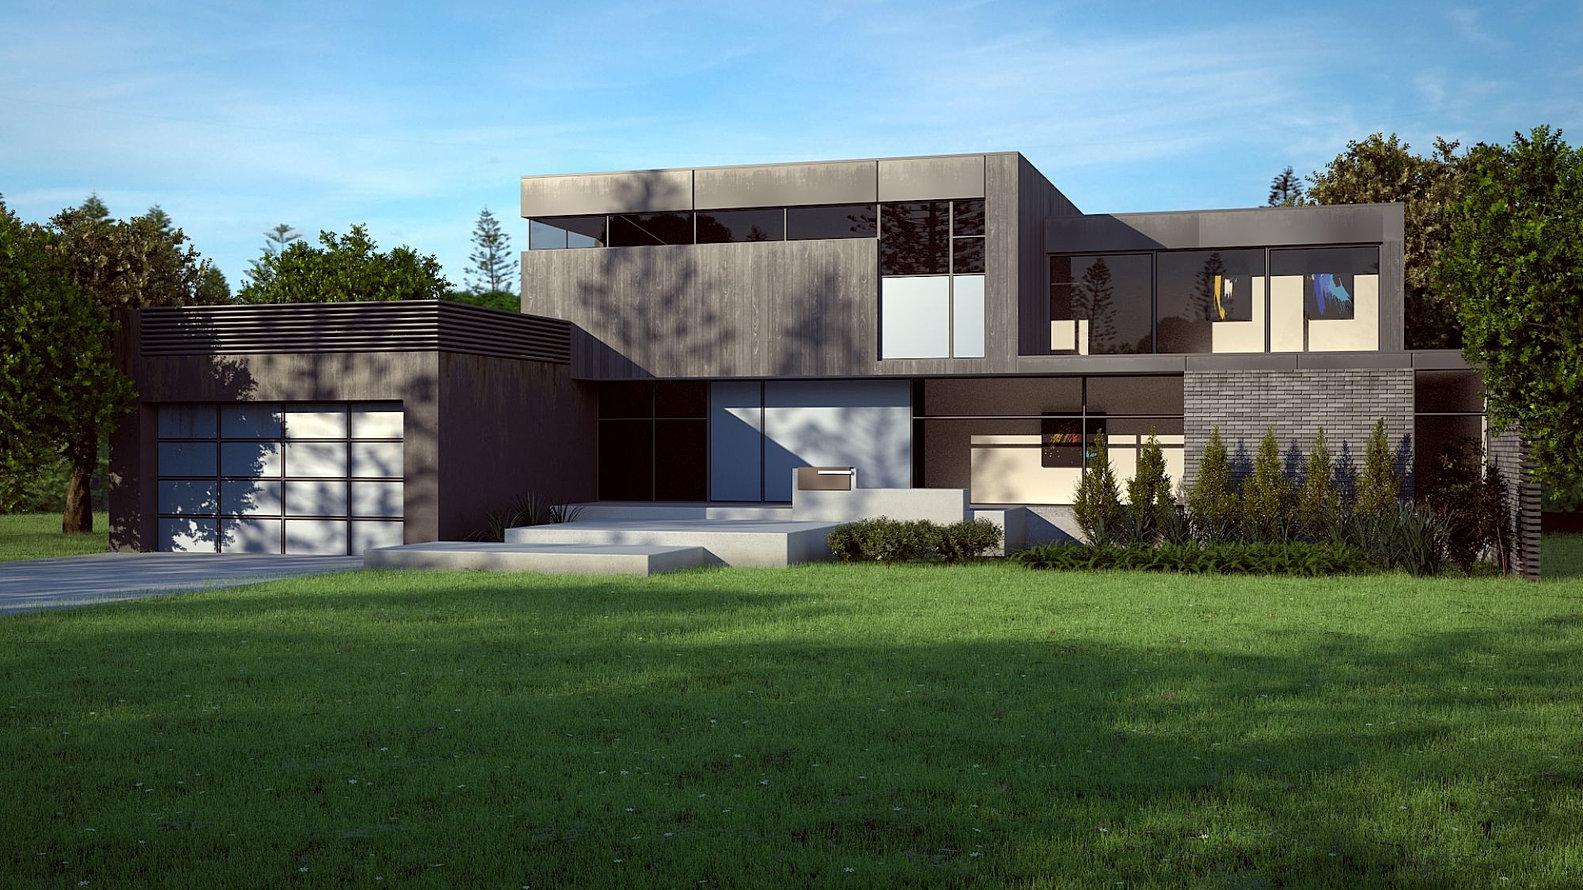 bauunternehmen und bau personalvermittlung sterreich deutschland. Black Bedroom Furniture Sets. Home Design Ideas